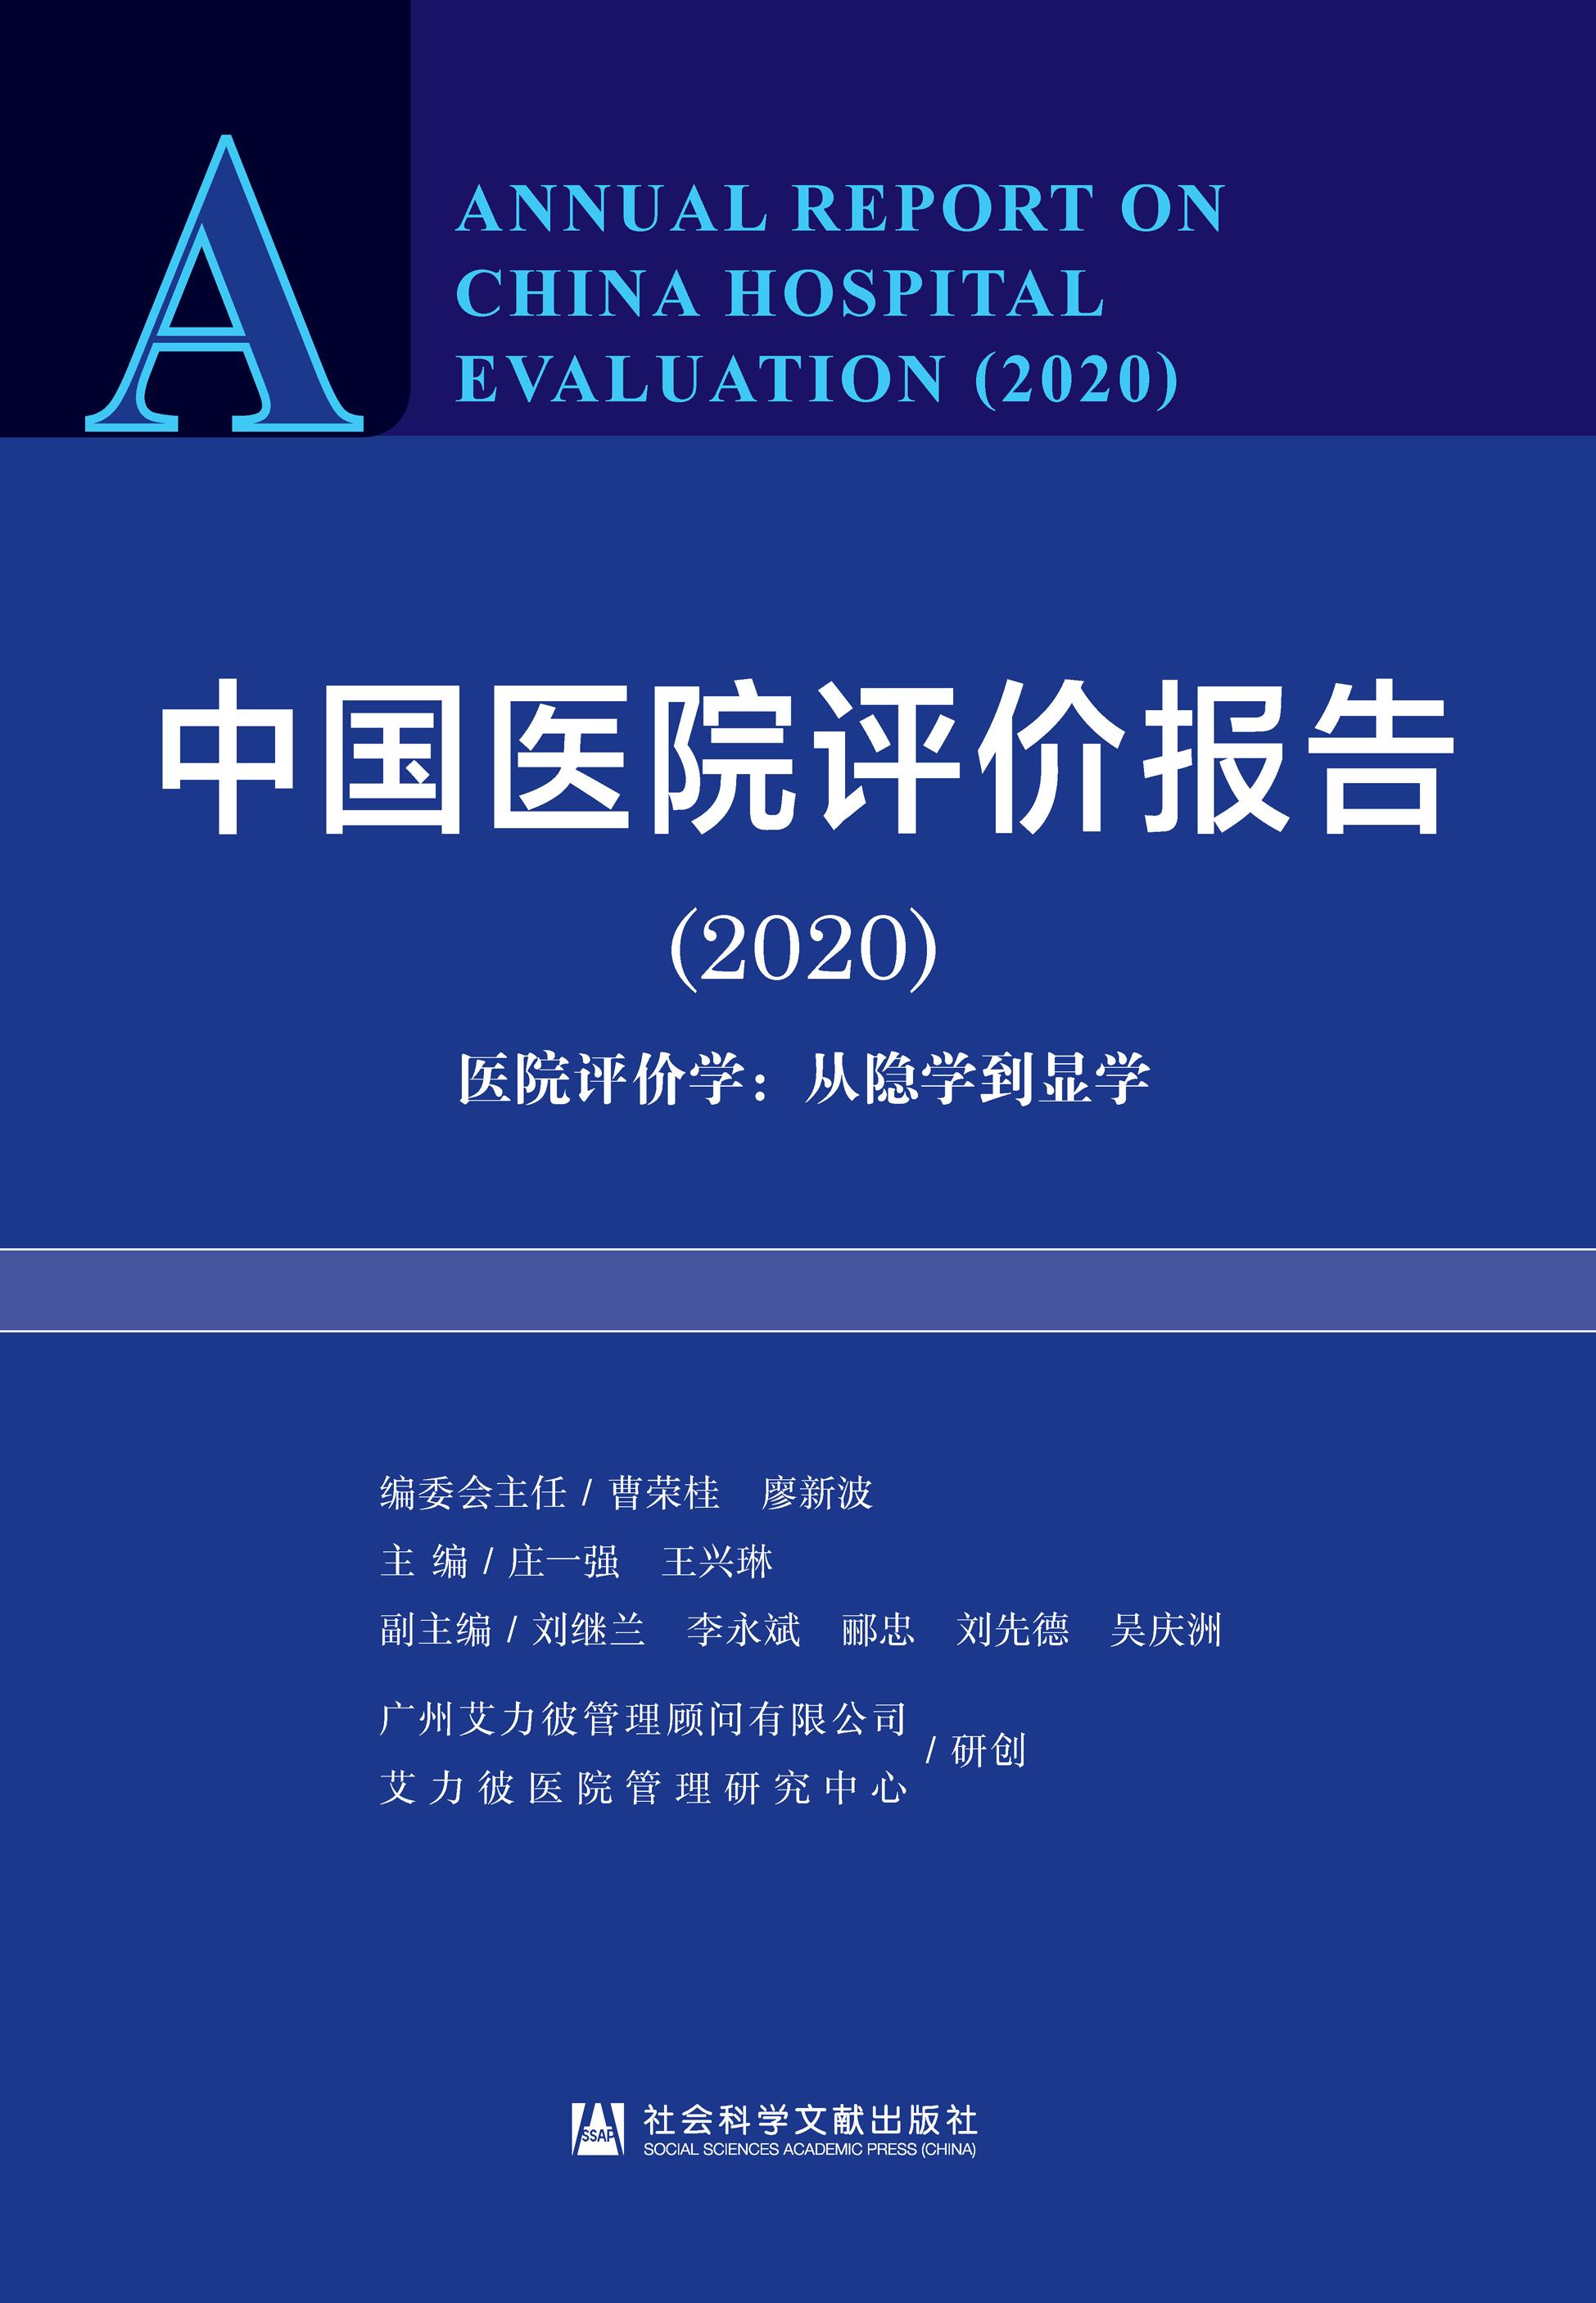 中国医院评价报告(2020)